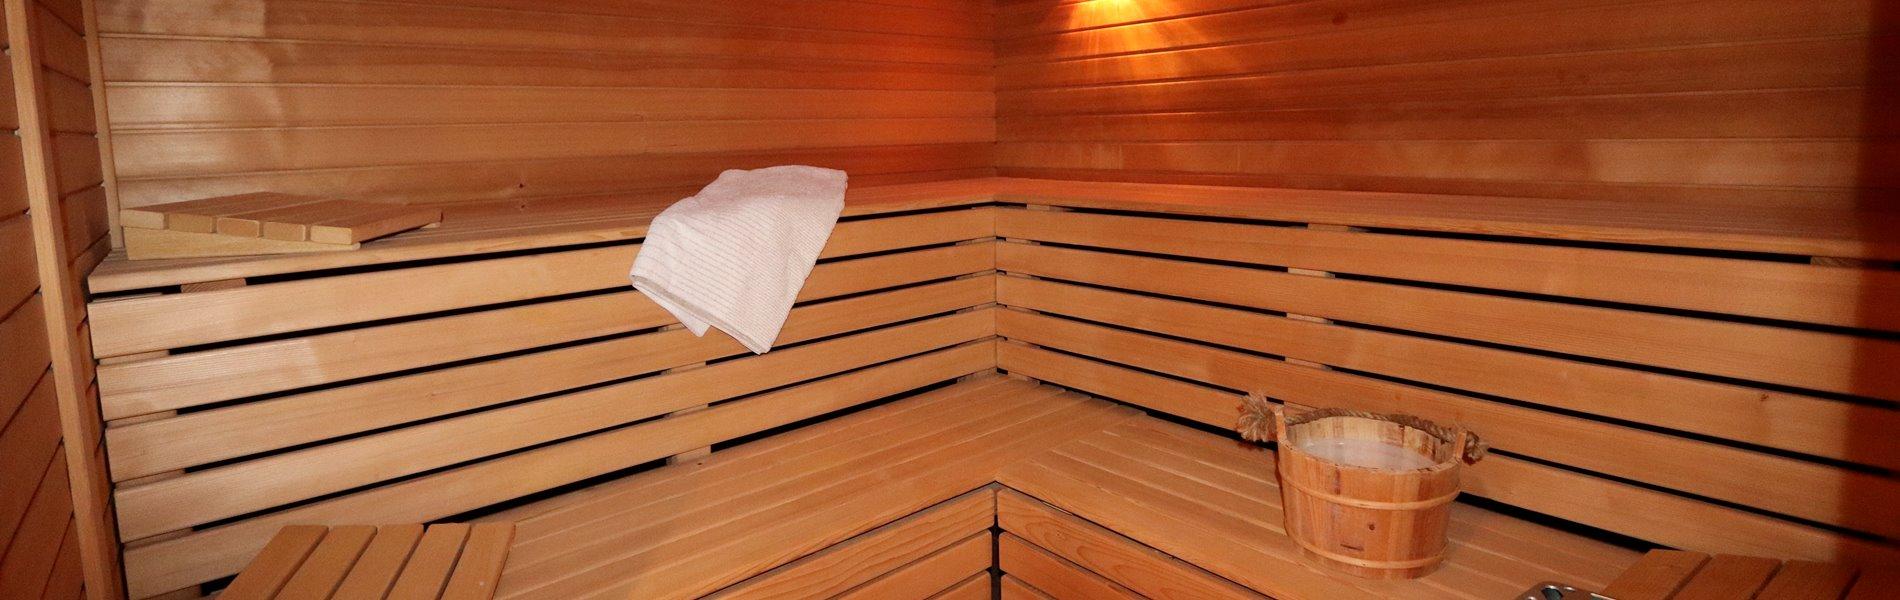 sauna-ferienhof-buehrer